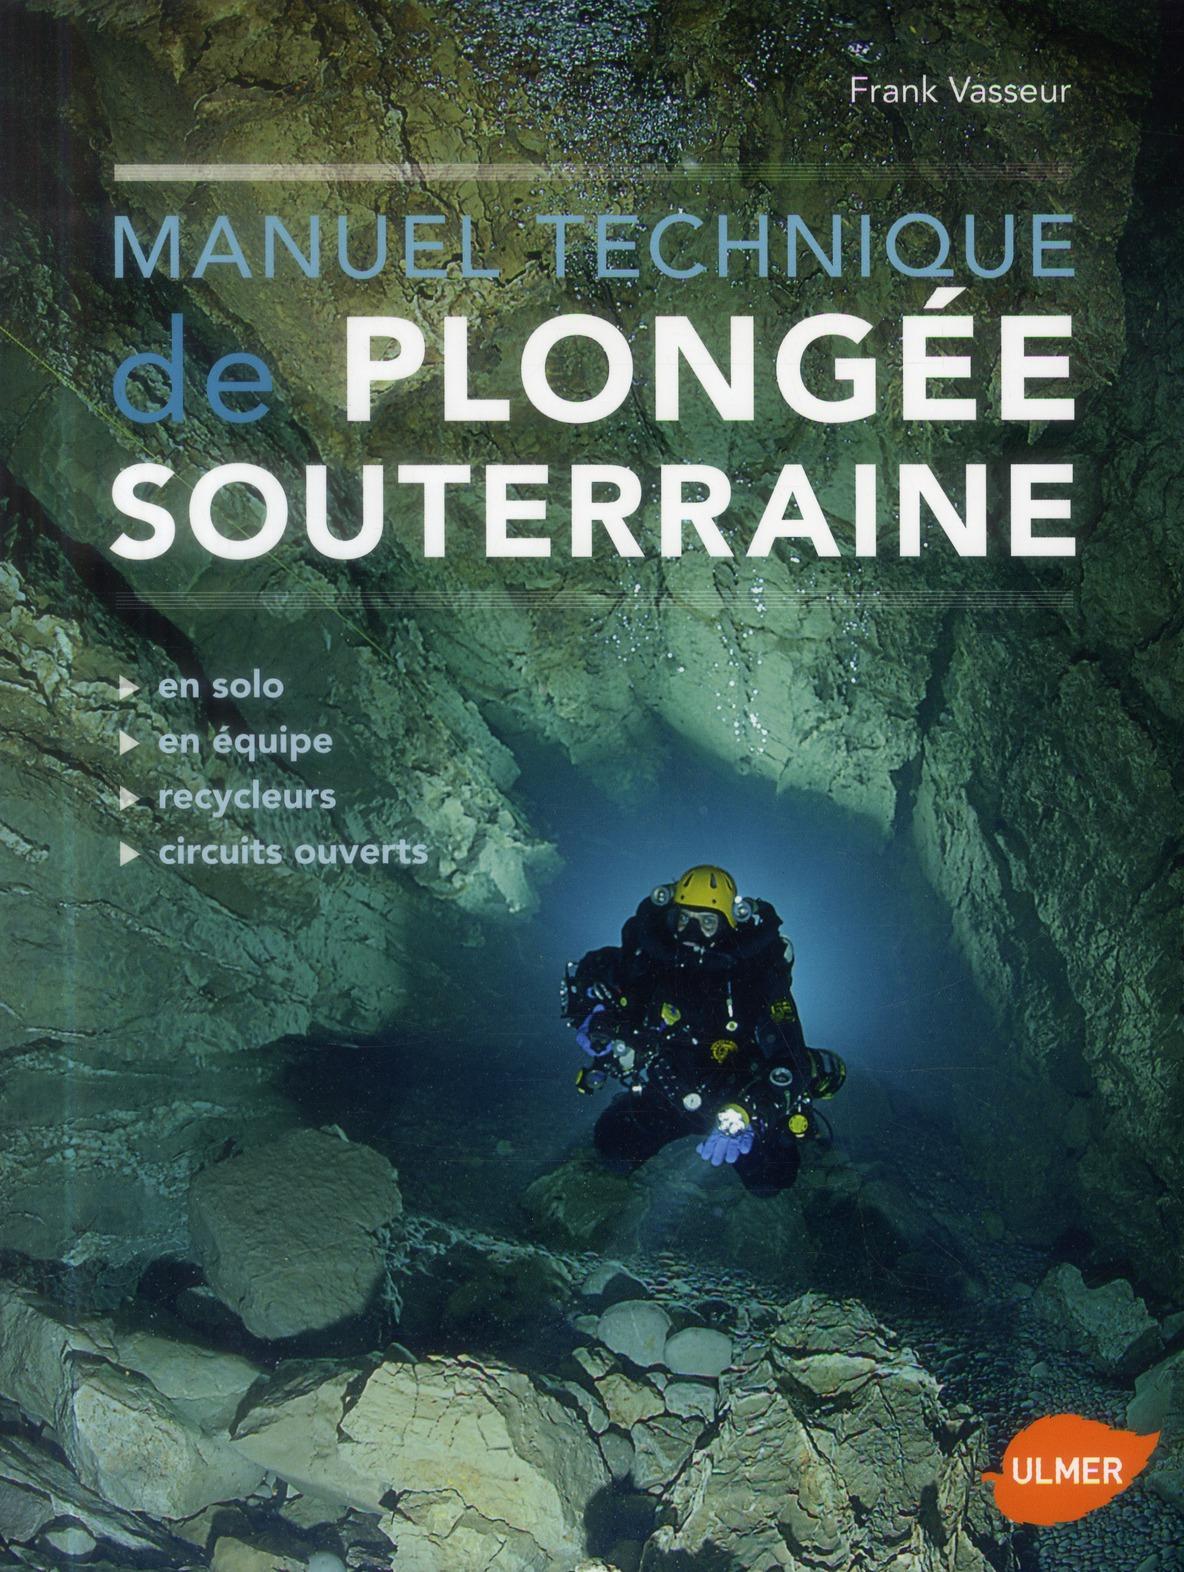 MANUEL TECHNIQUE DE PLONGEE SOUTERRAINE